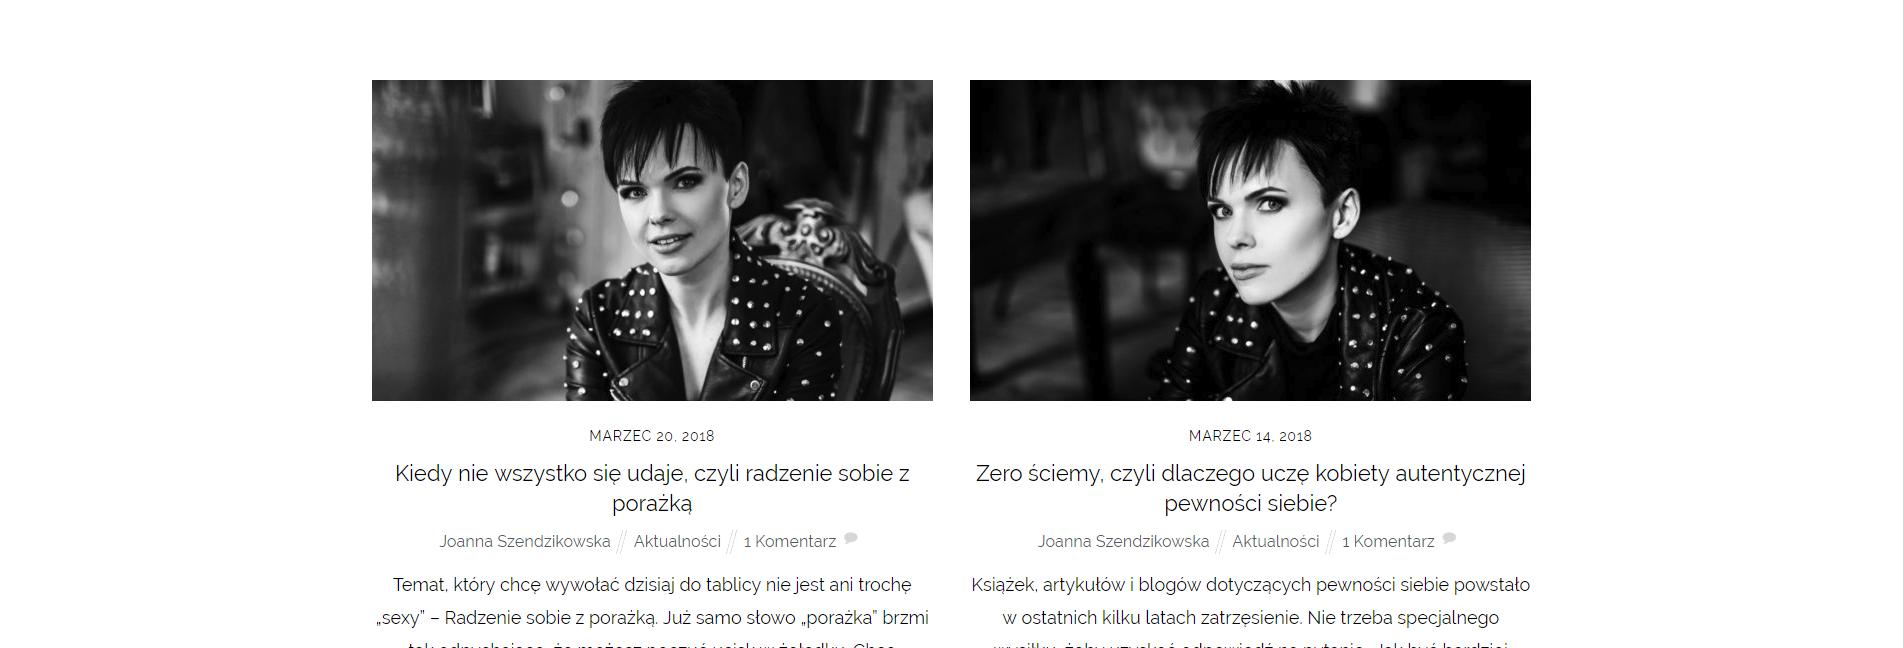 Blog Joanna Szendzikowska